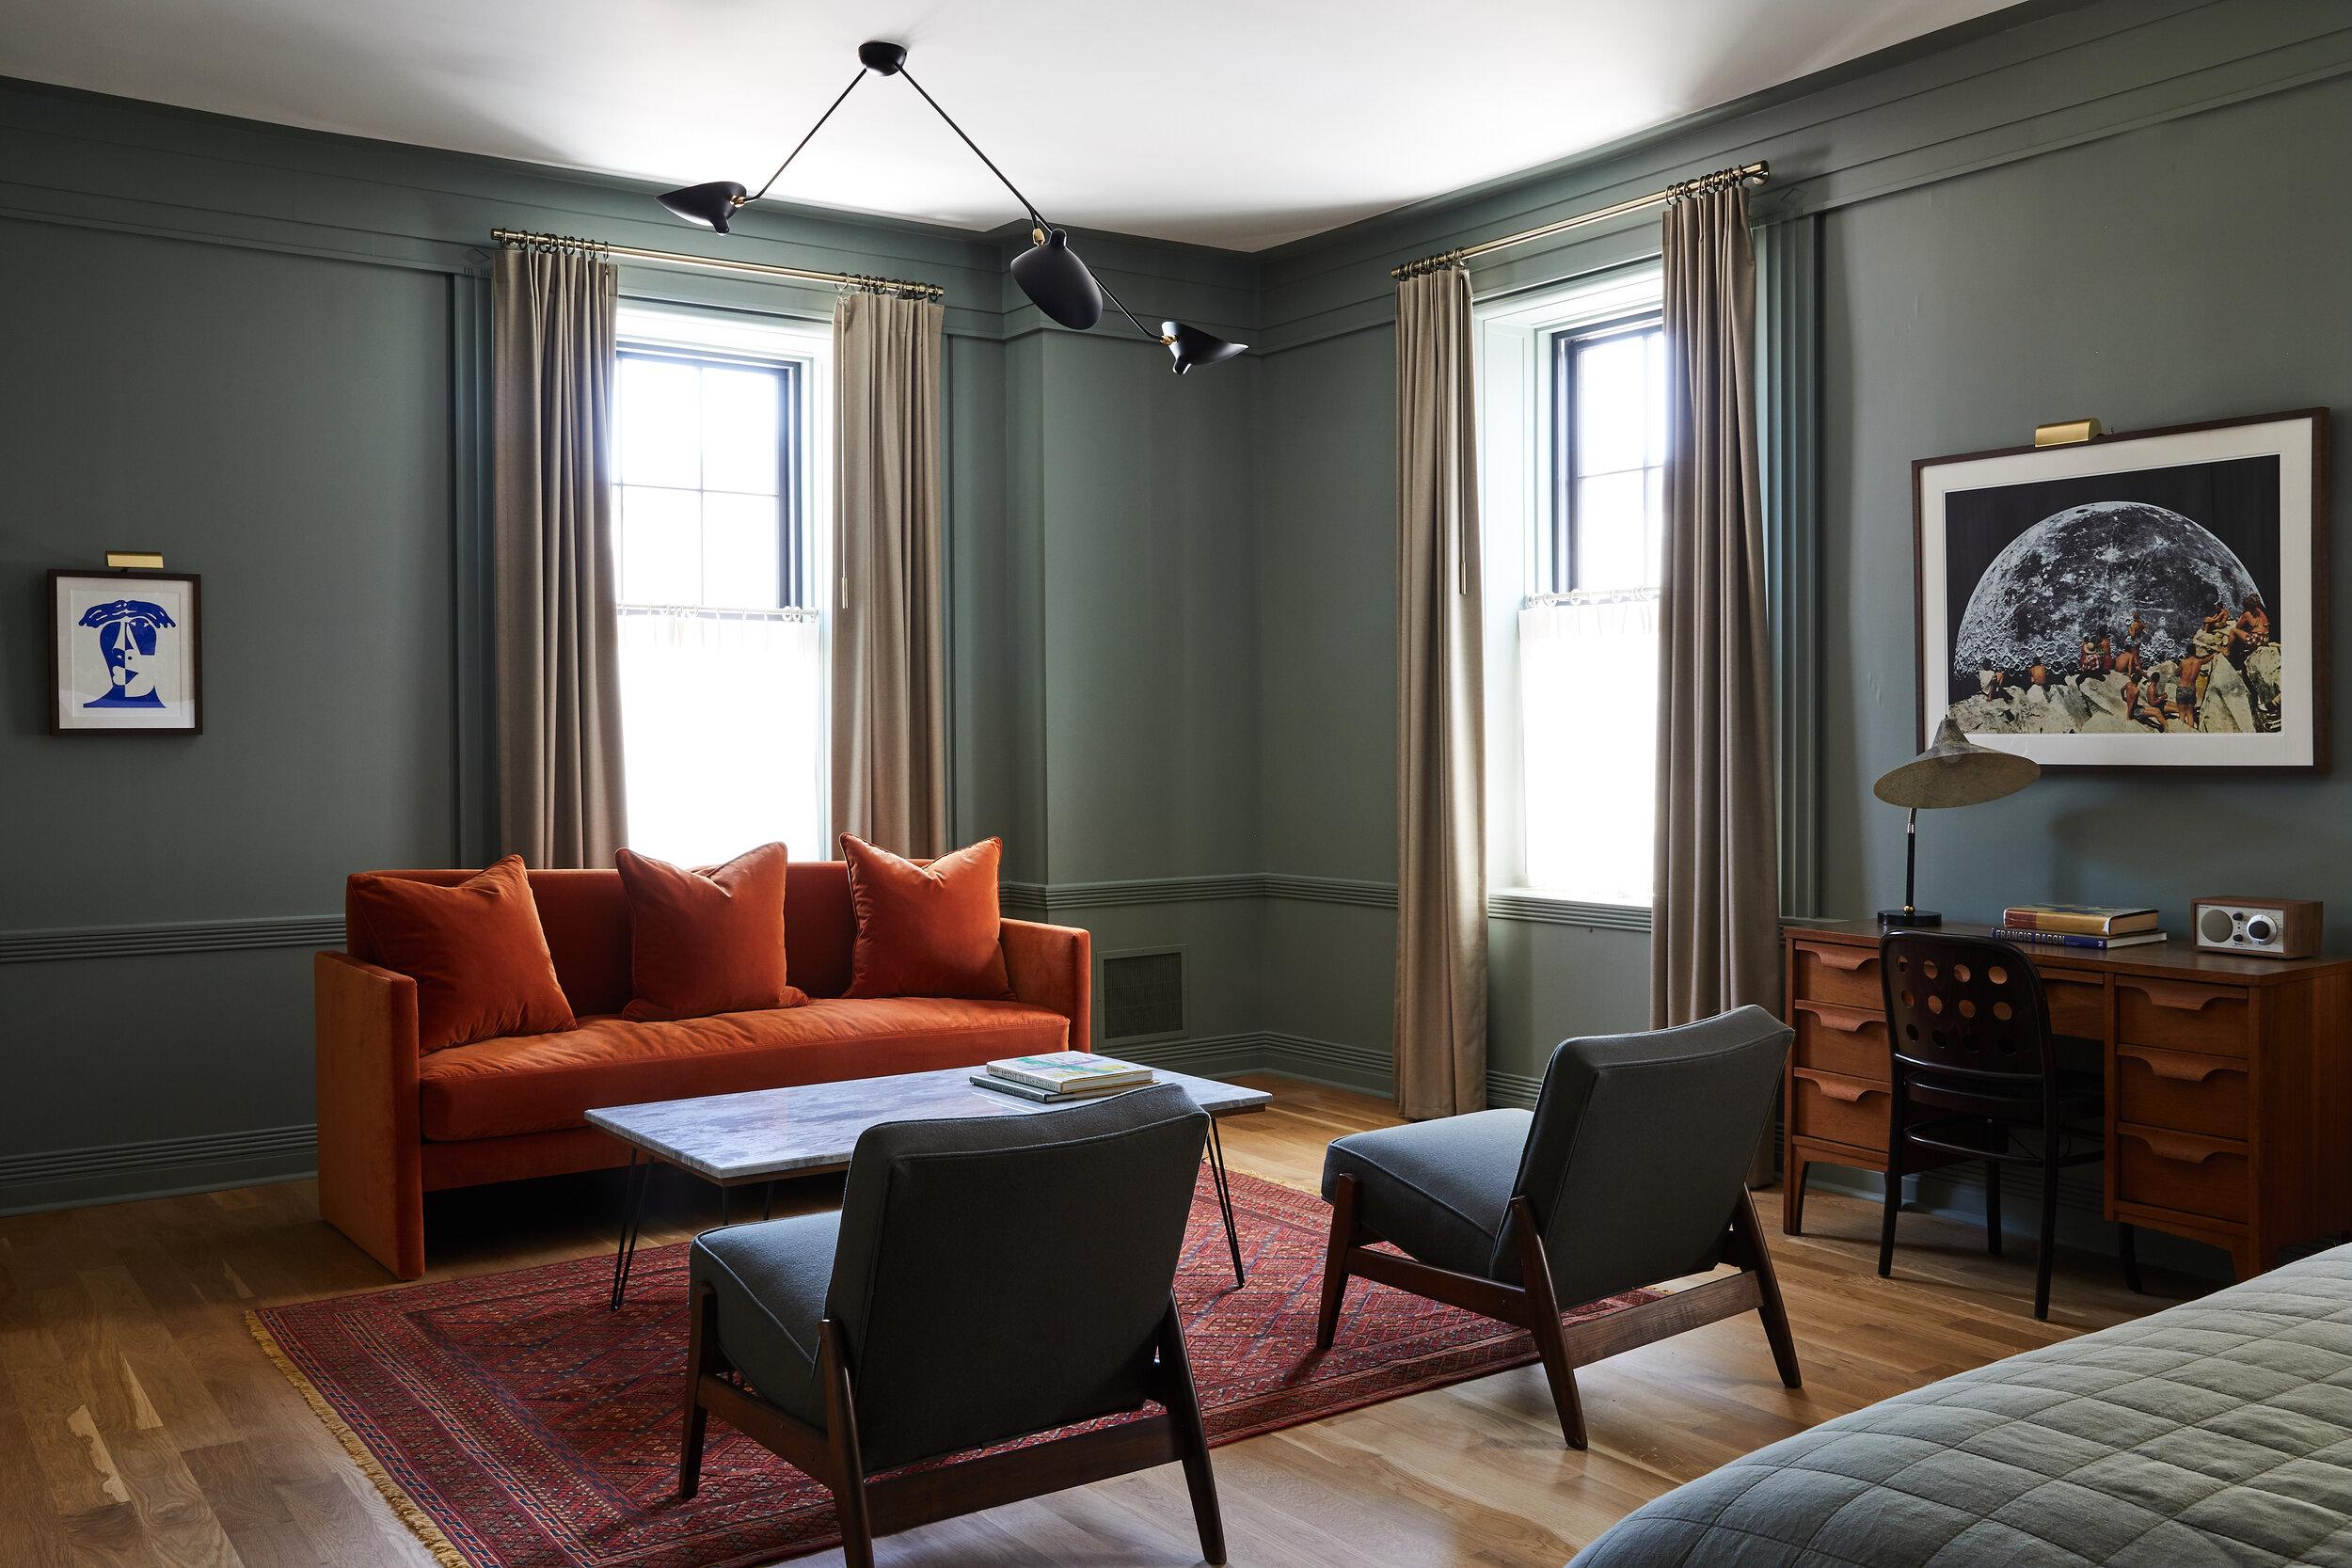 Hotel_Kinsley_Room_204_008.jpg